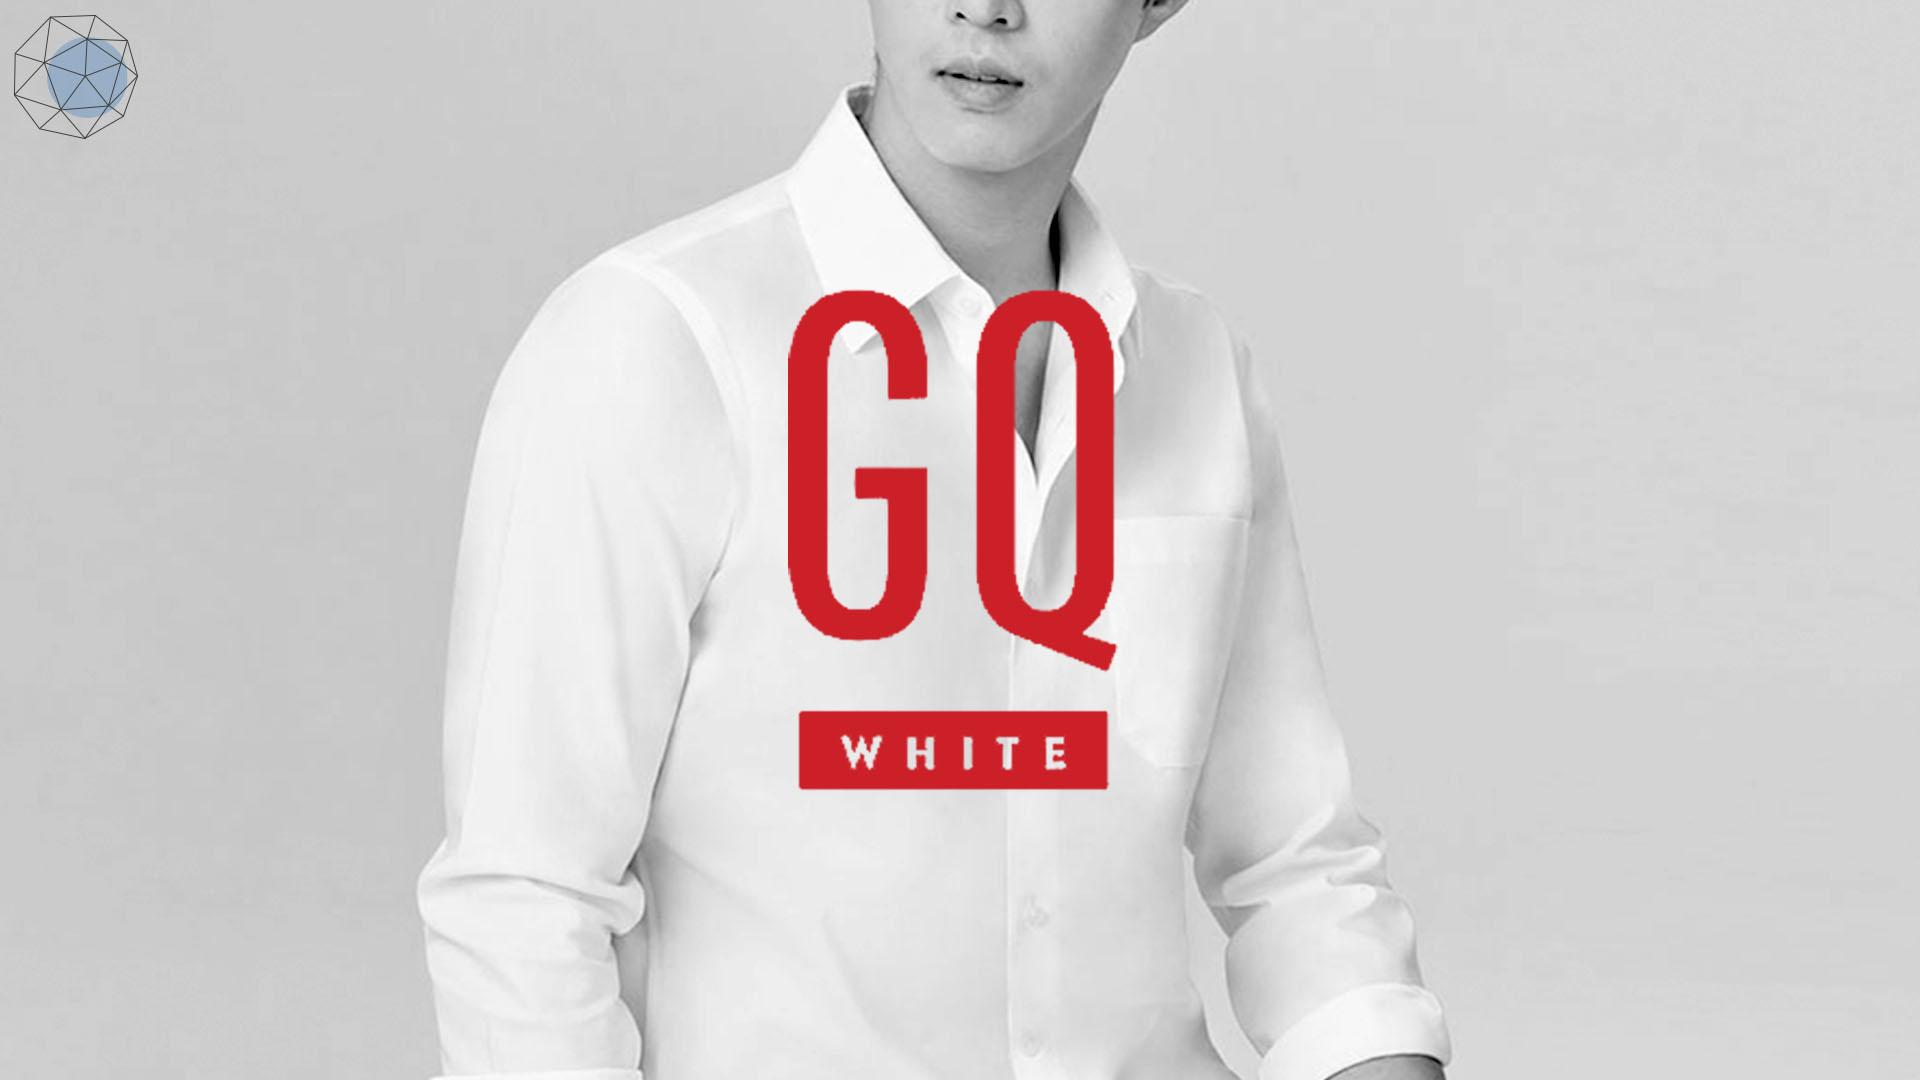 เสื้อเชิ้ตสีขาวของ GQ